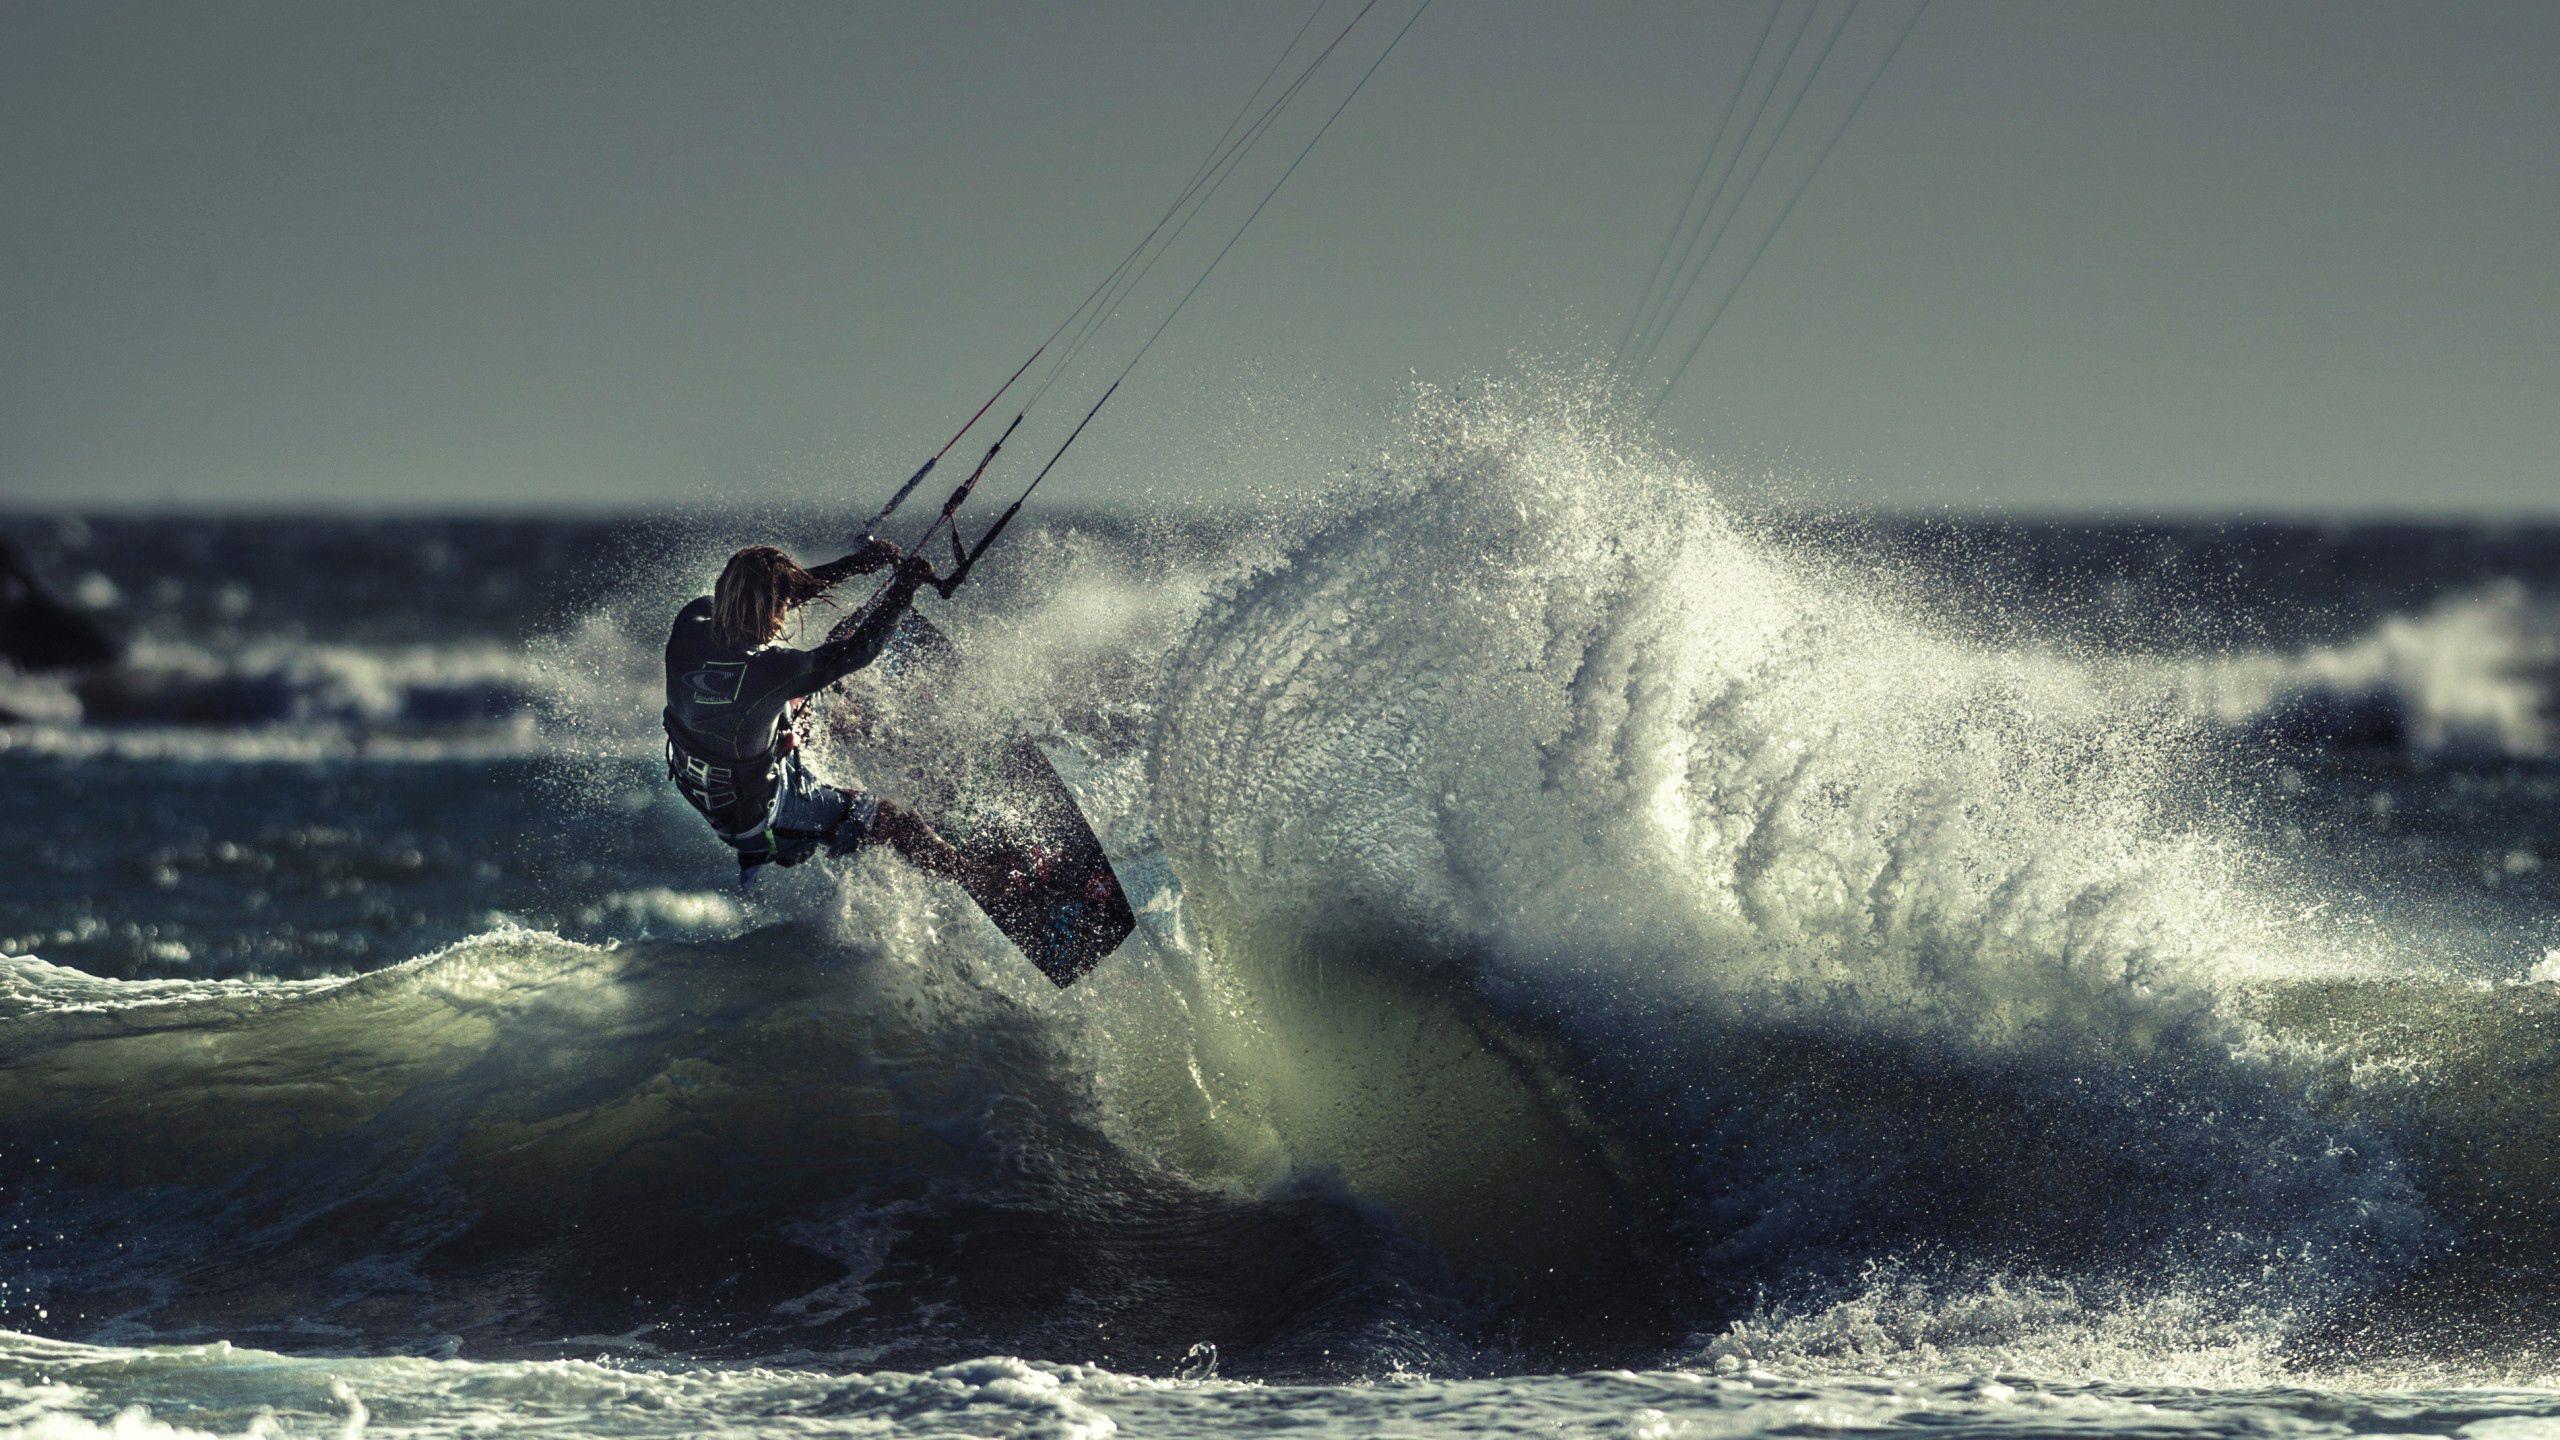 92681 скачать обои Спорт, Кайтсёрфинг, Спортсмен, Море, Океан, Волна - заставки и картинки бесплатно